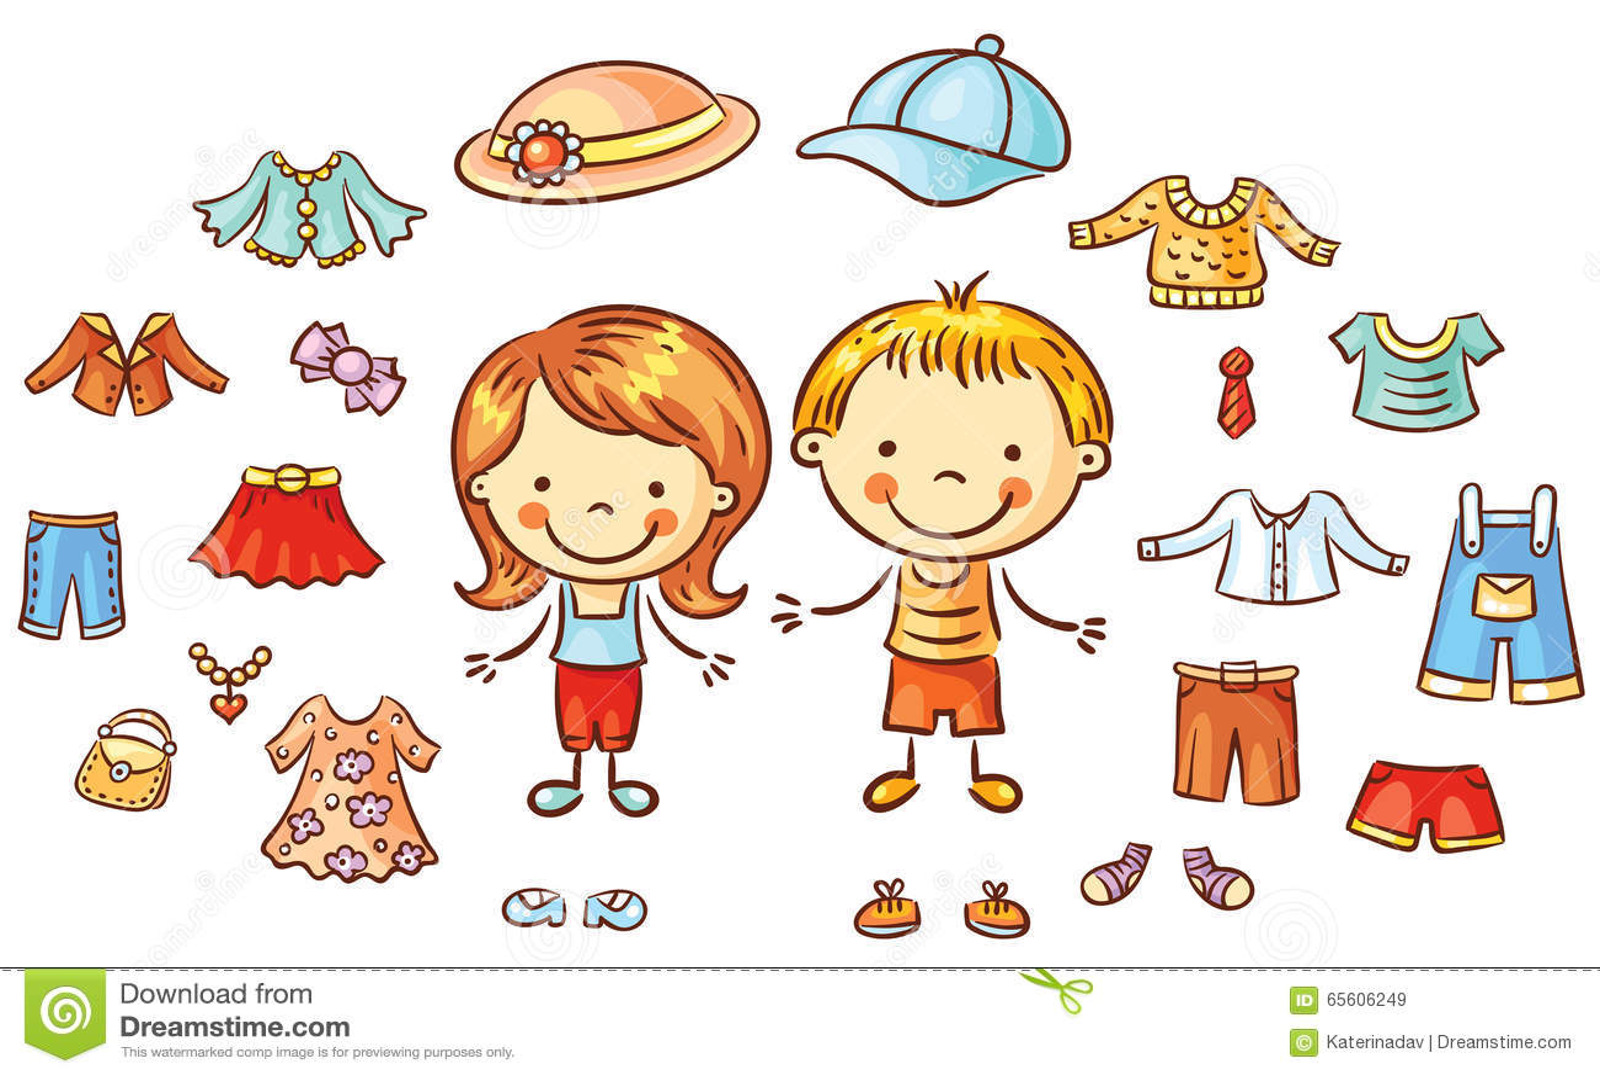 Sommarkläder ställer in för en pojke, och en flicka, objekt kan vara pålagd